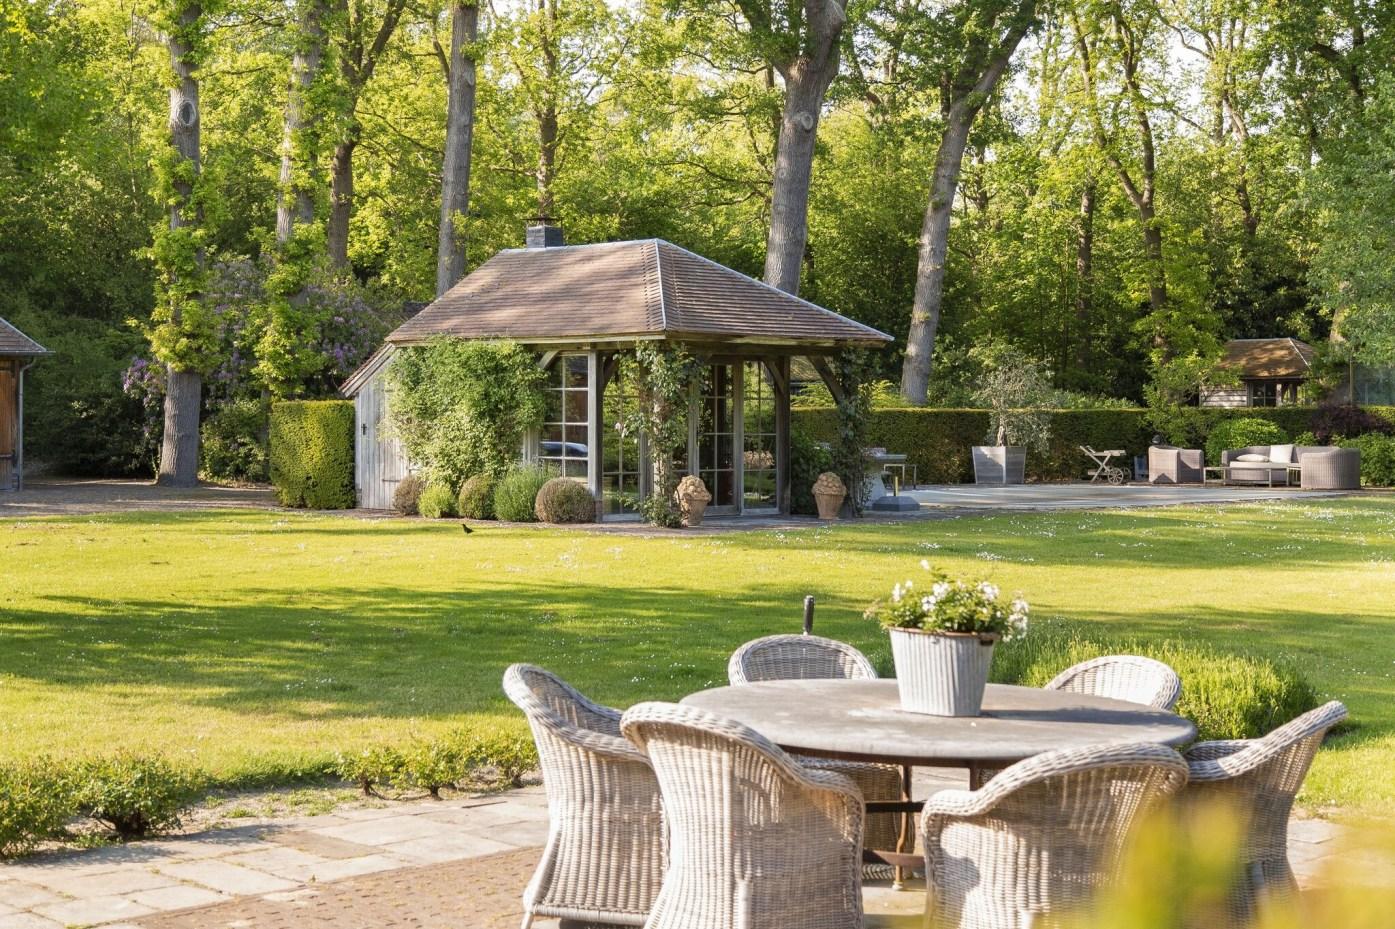 загородный участок беседка садовая мебель